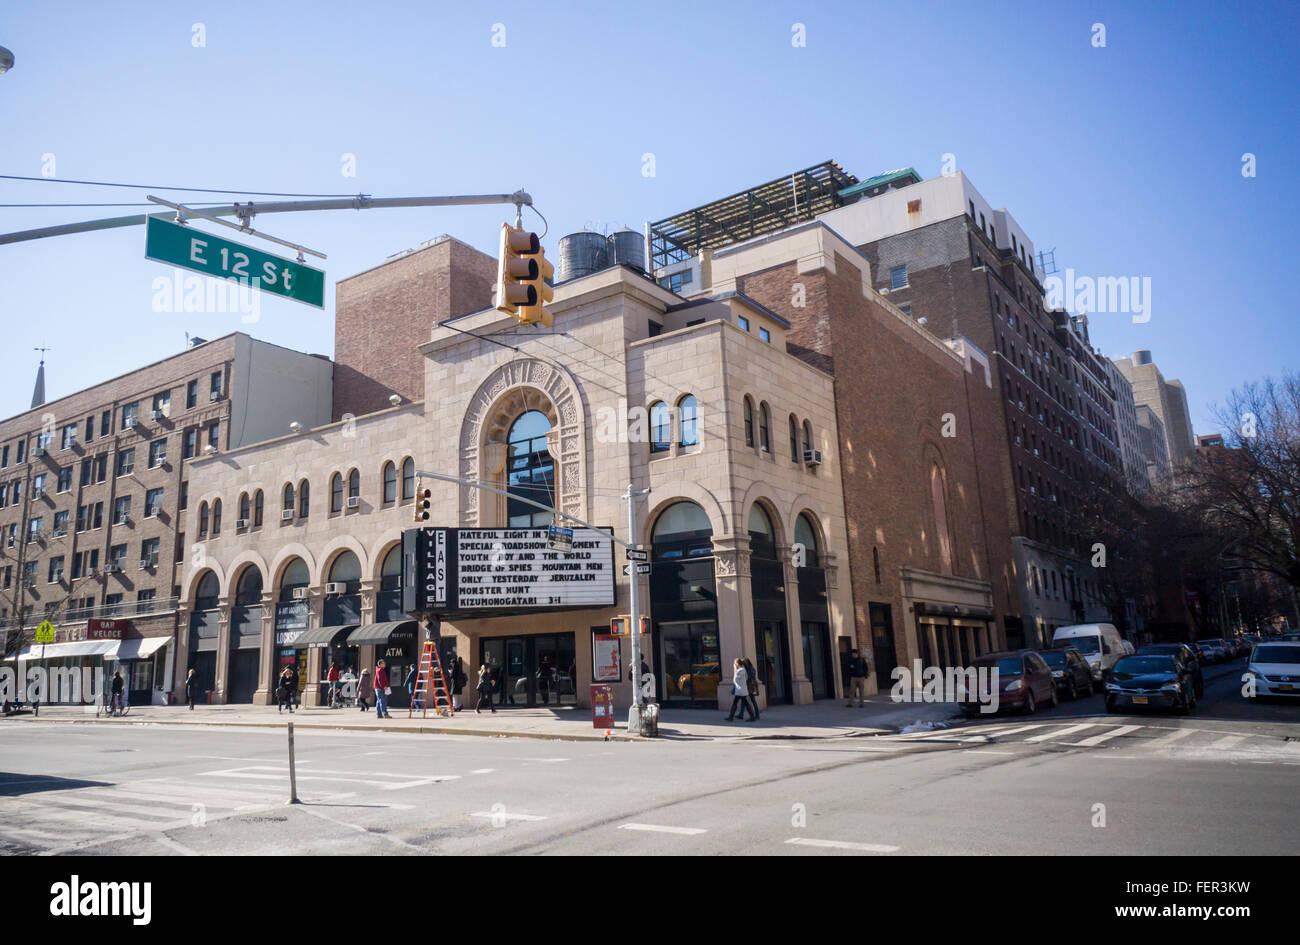 Das Dorf Osten Kino, ein Multiplex-Kino im East Village in New York am Dienstag, 2. Februar 2016. Ursprünglich Stockbild